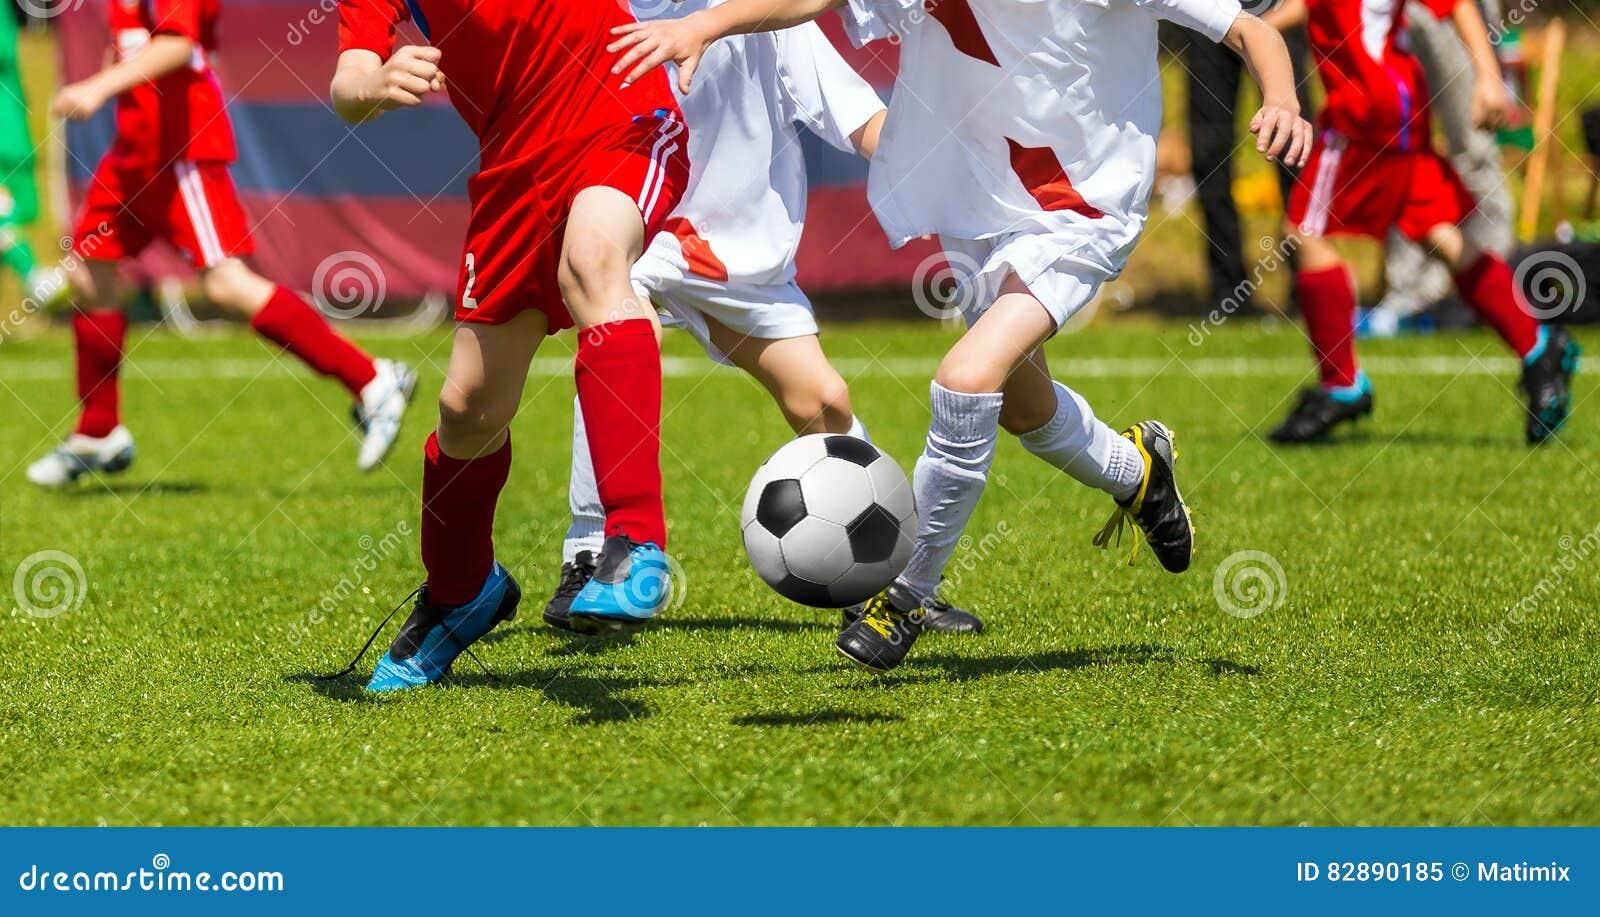 Пинок футбола футбола Поединок футболистов Дети играя футбольную игру на спортивной площадке Футбольный матч игры мальчиков на зе